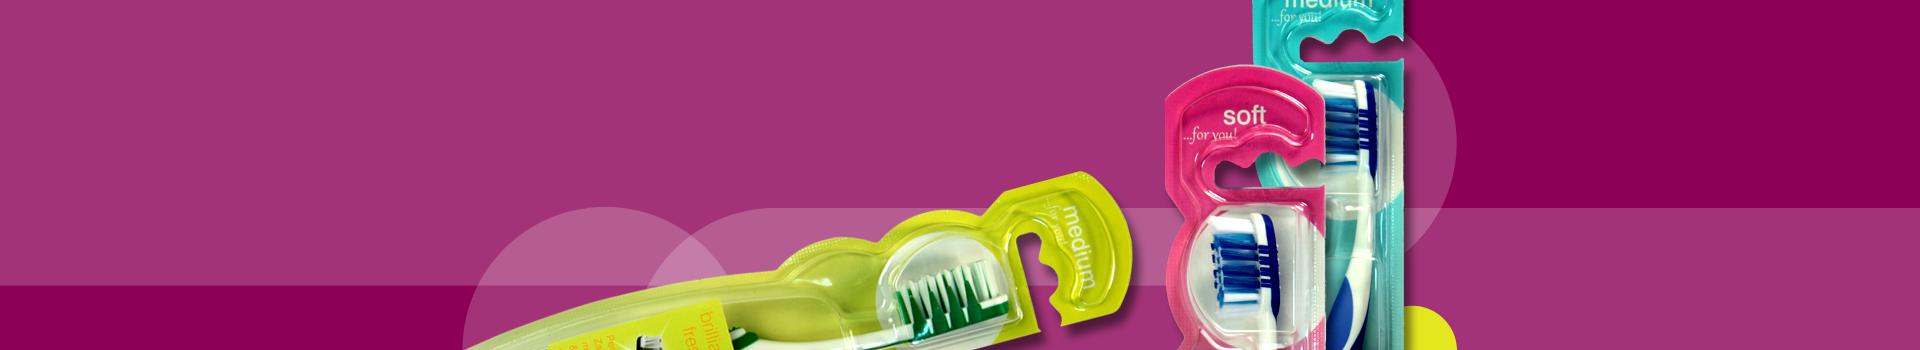 Bürstenmann GmbH: Zahnpflege: Verkaufsverpackungen